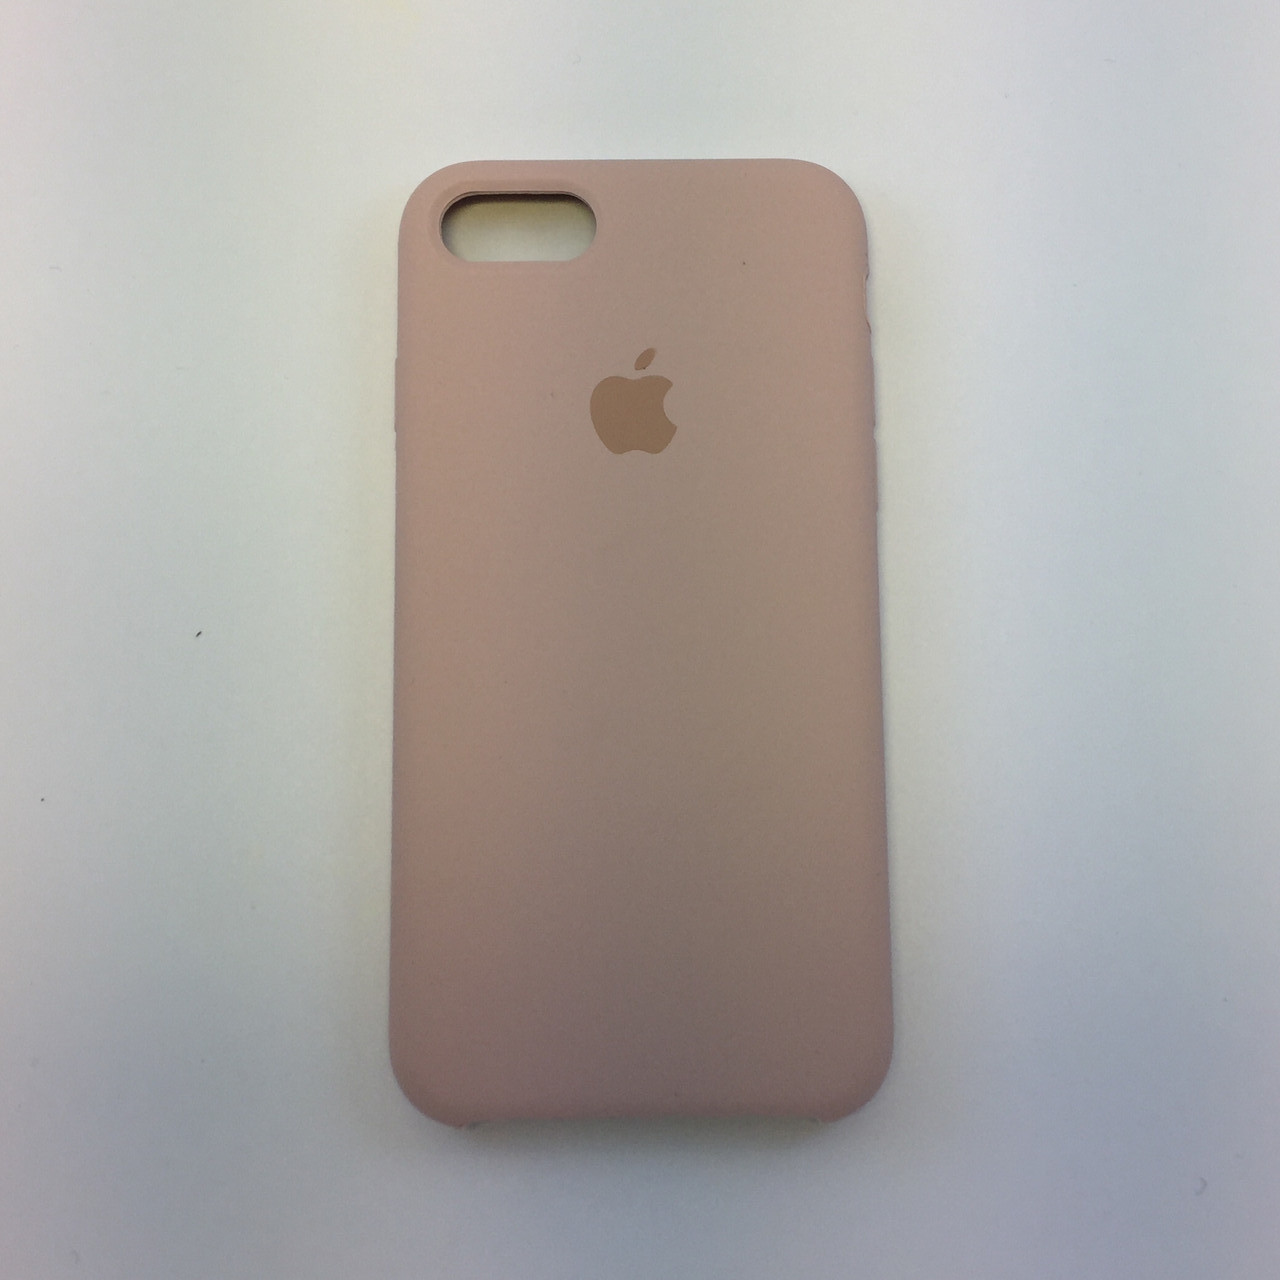 """Чехол - Silicon Case для iPhone """"Пудра - №19"""" - copy orig."""